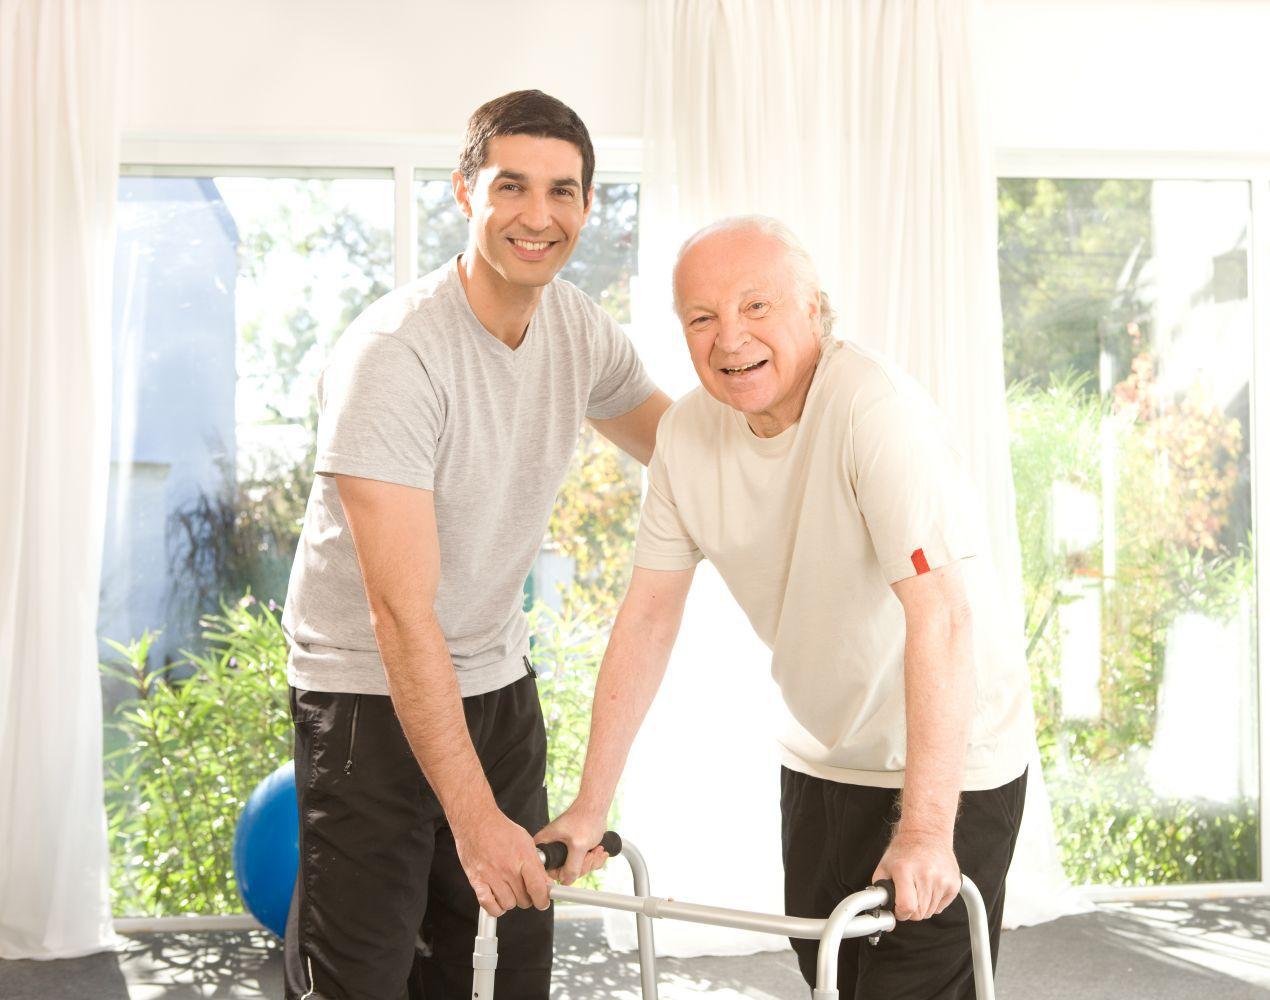 Права обязанности и выплаты опекунам над недееспособным пожилым человеком